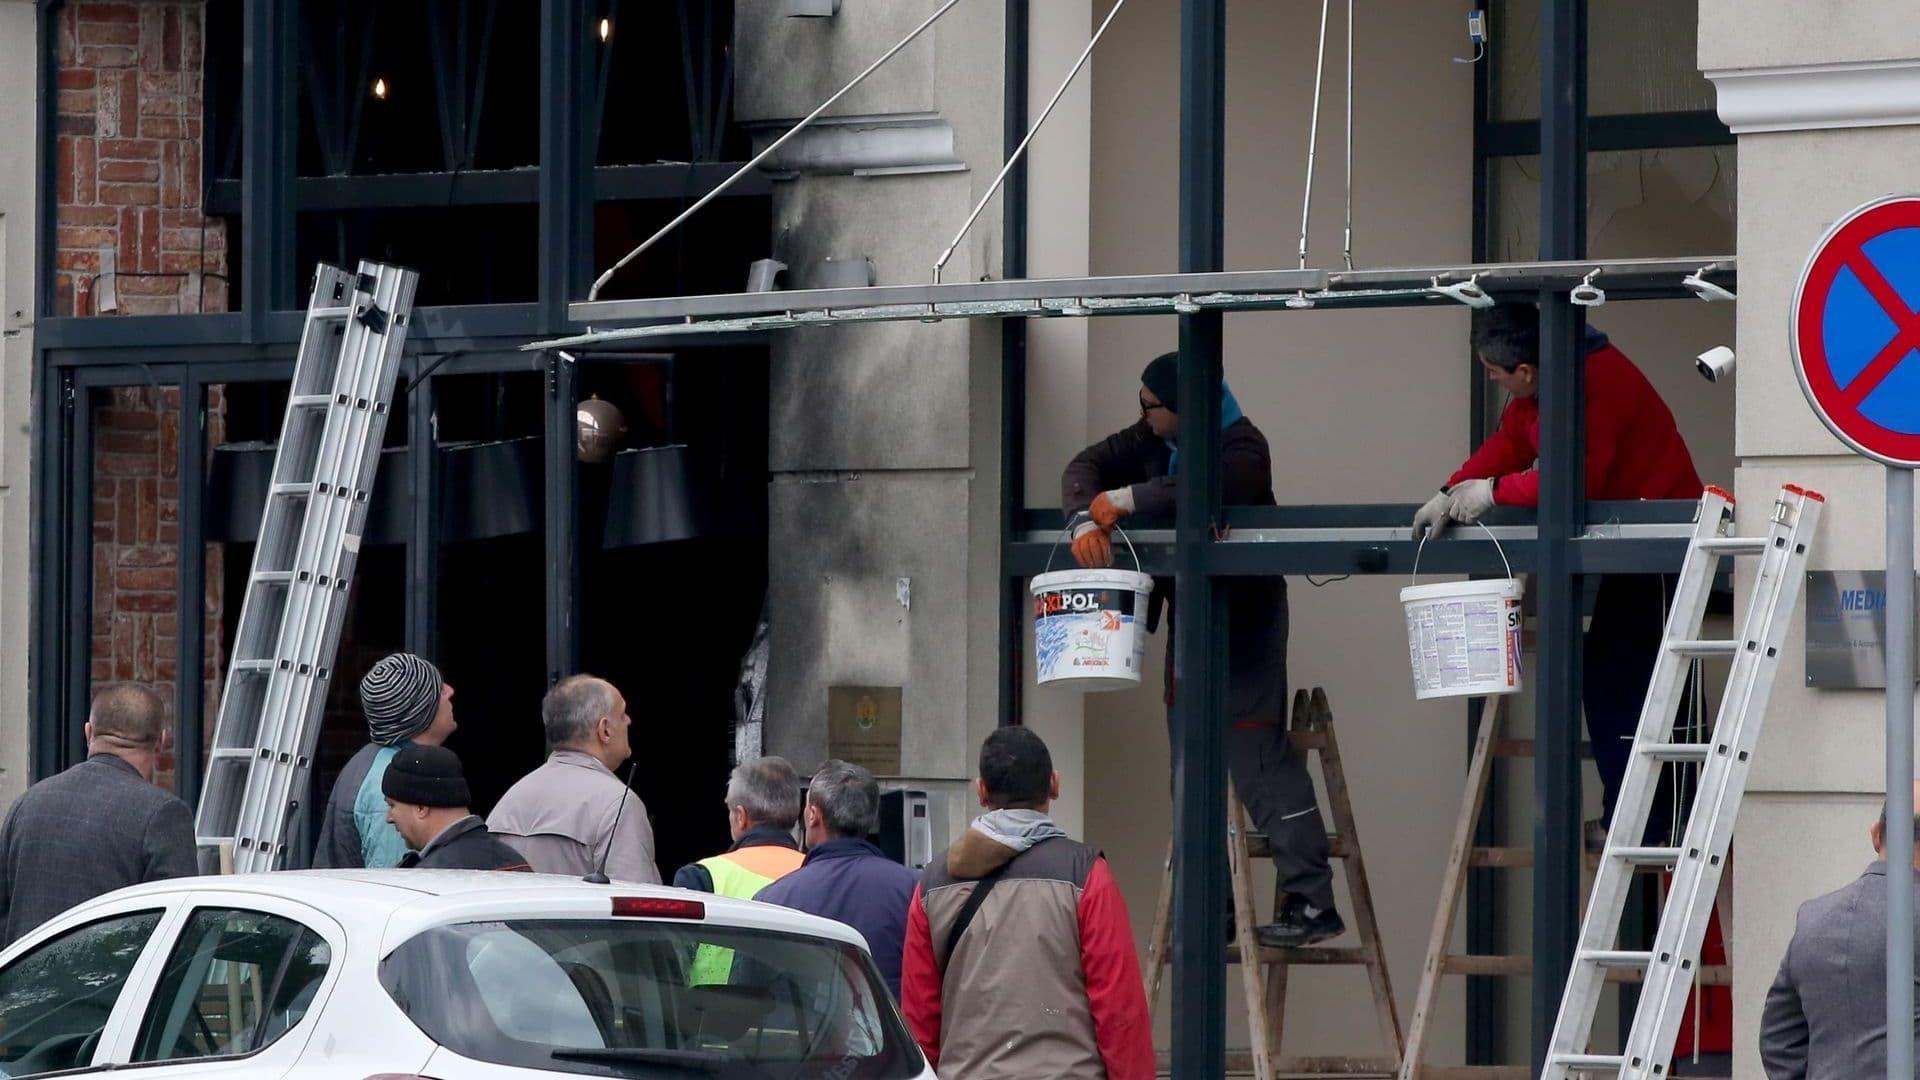 Част от сградата на българското посолство в черногорската столица Подгорица